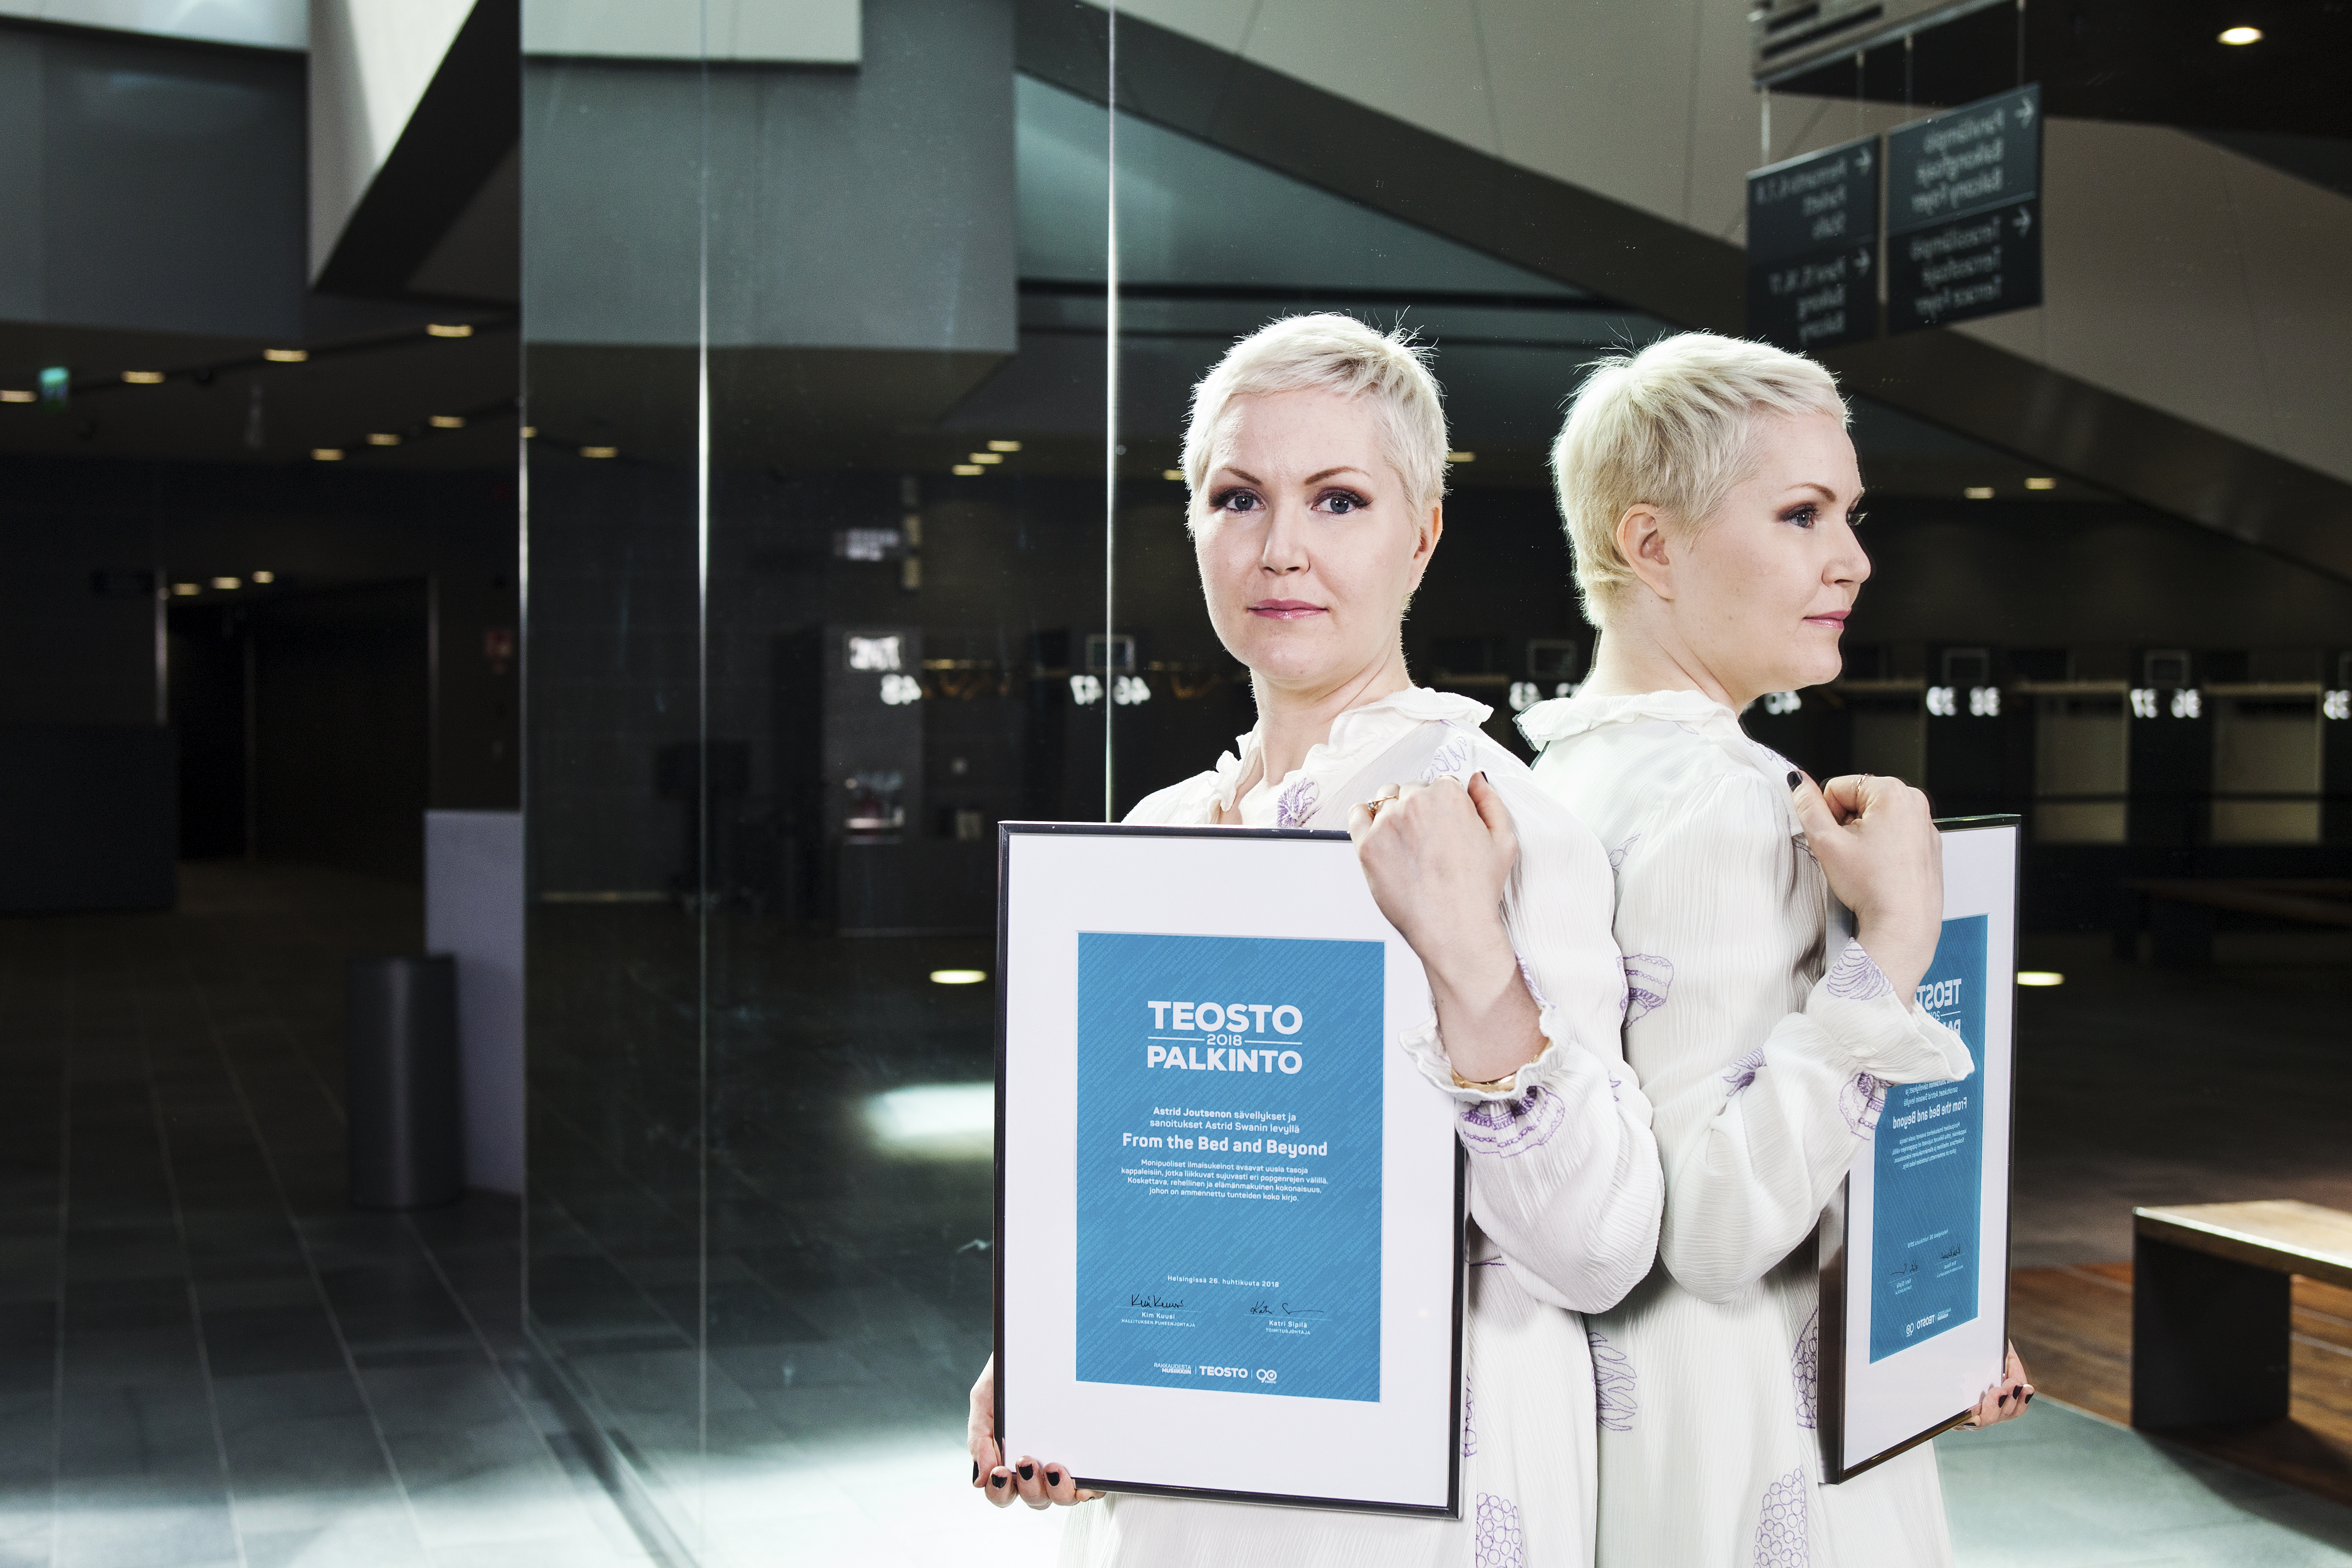 Astrid Swanin From the Bed and Beyond ja Joona Toivanen Trion XX saivat Teosto-palkinnon